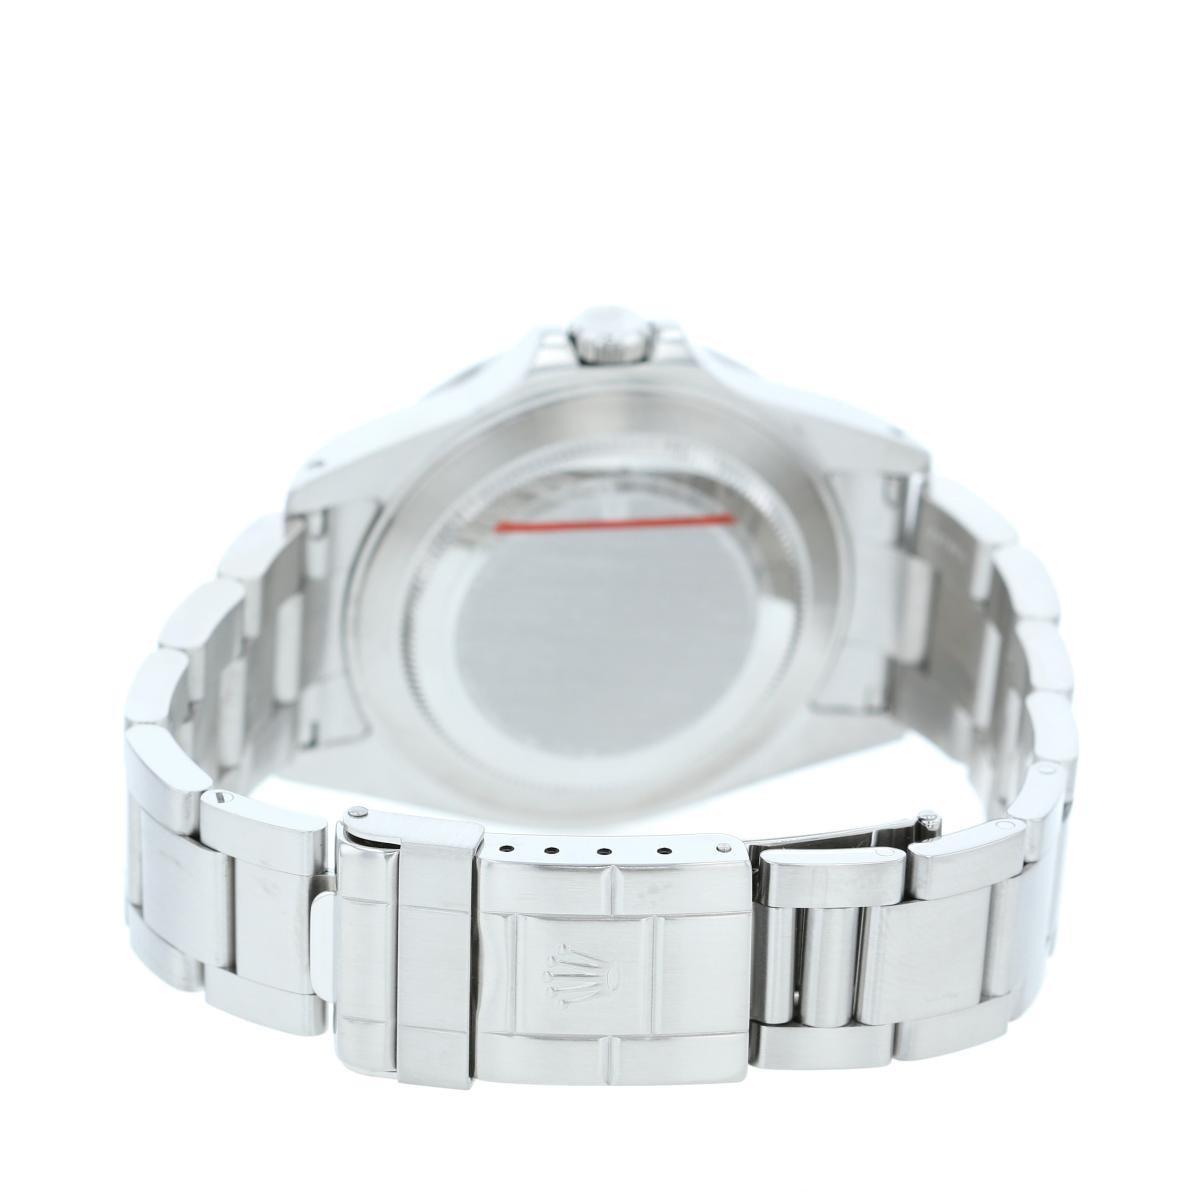 【中古】 ROLEX (ロレックス) エクスプローラーII White 時計 自動巻き/メンズ EXPLORER�/White White 16570 used:A